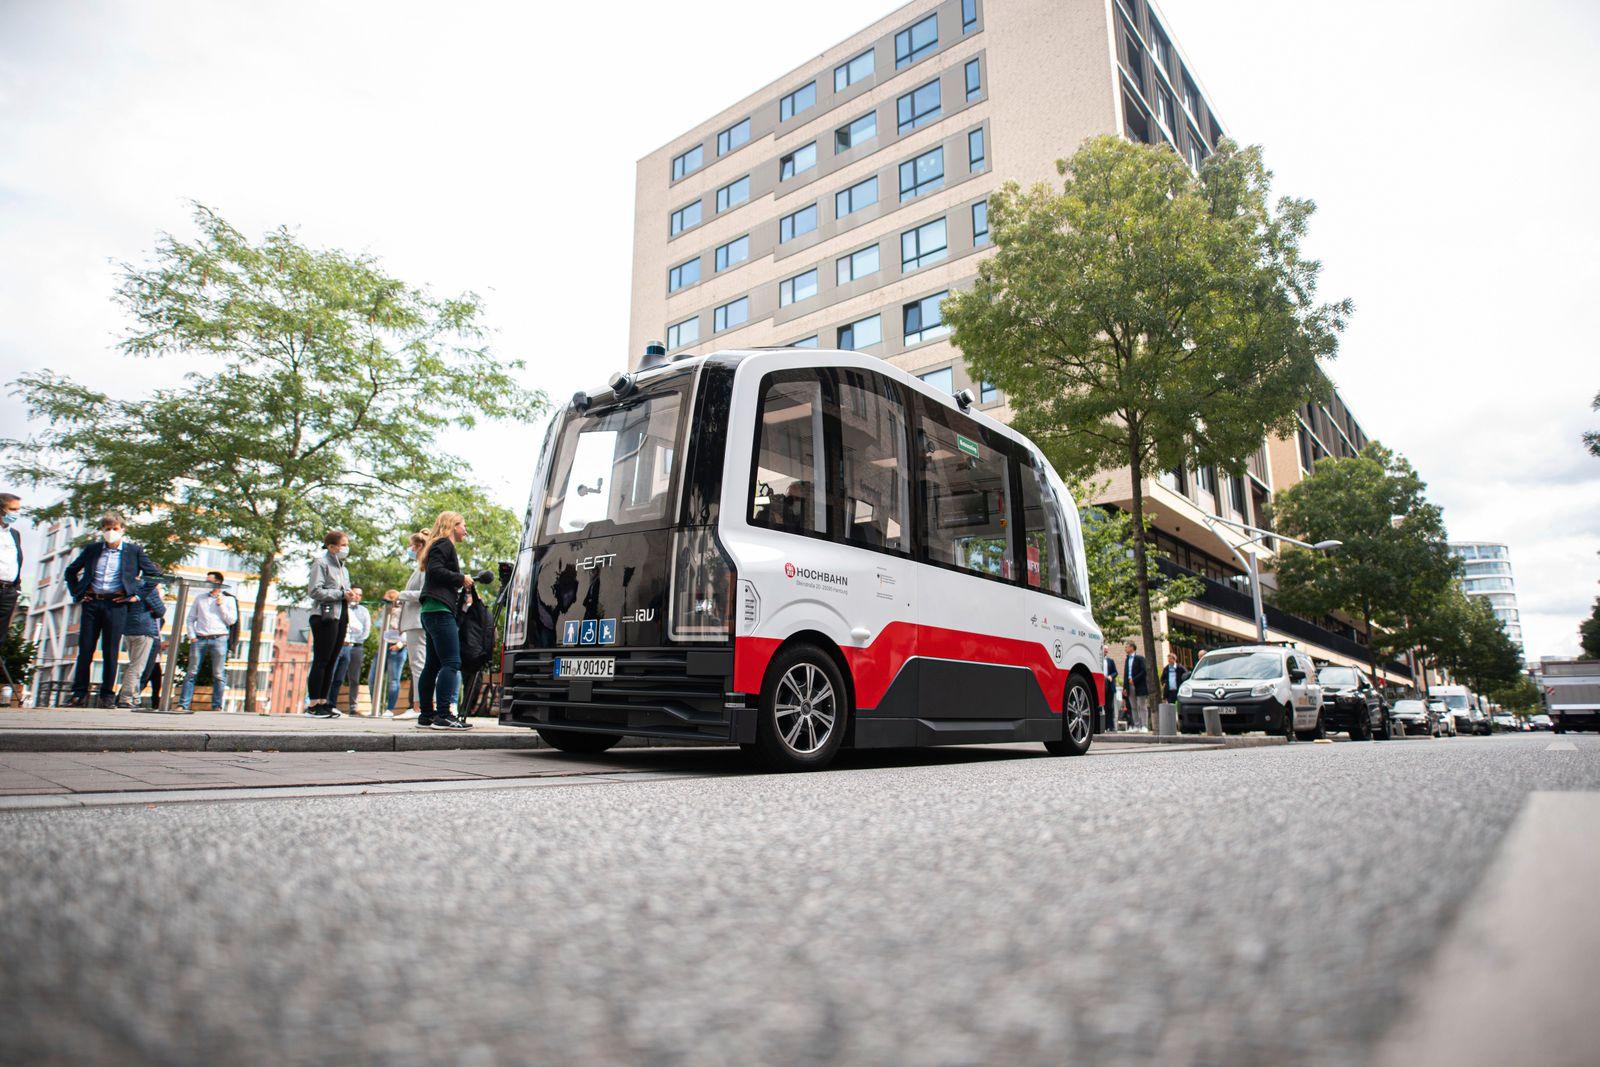 Betrieb des autonom fahrenden Heat-Bus startet